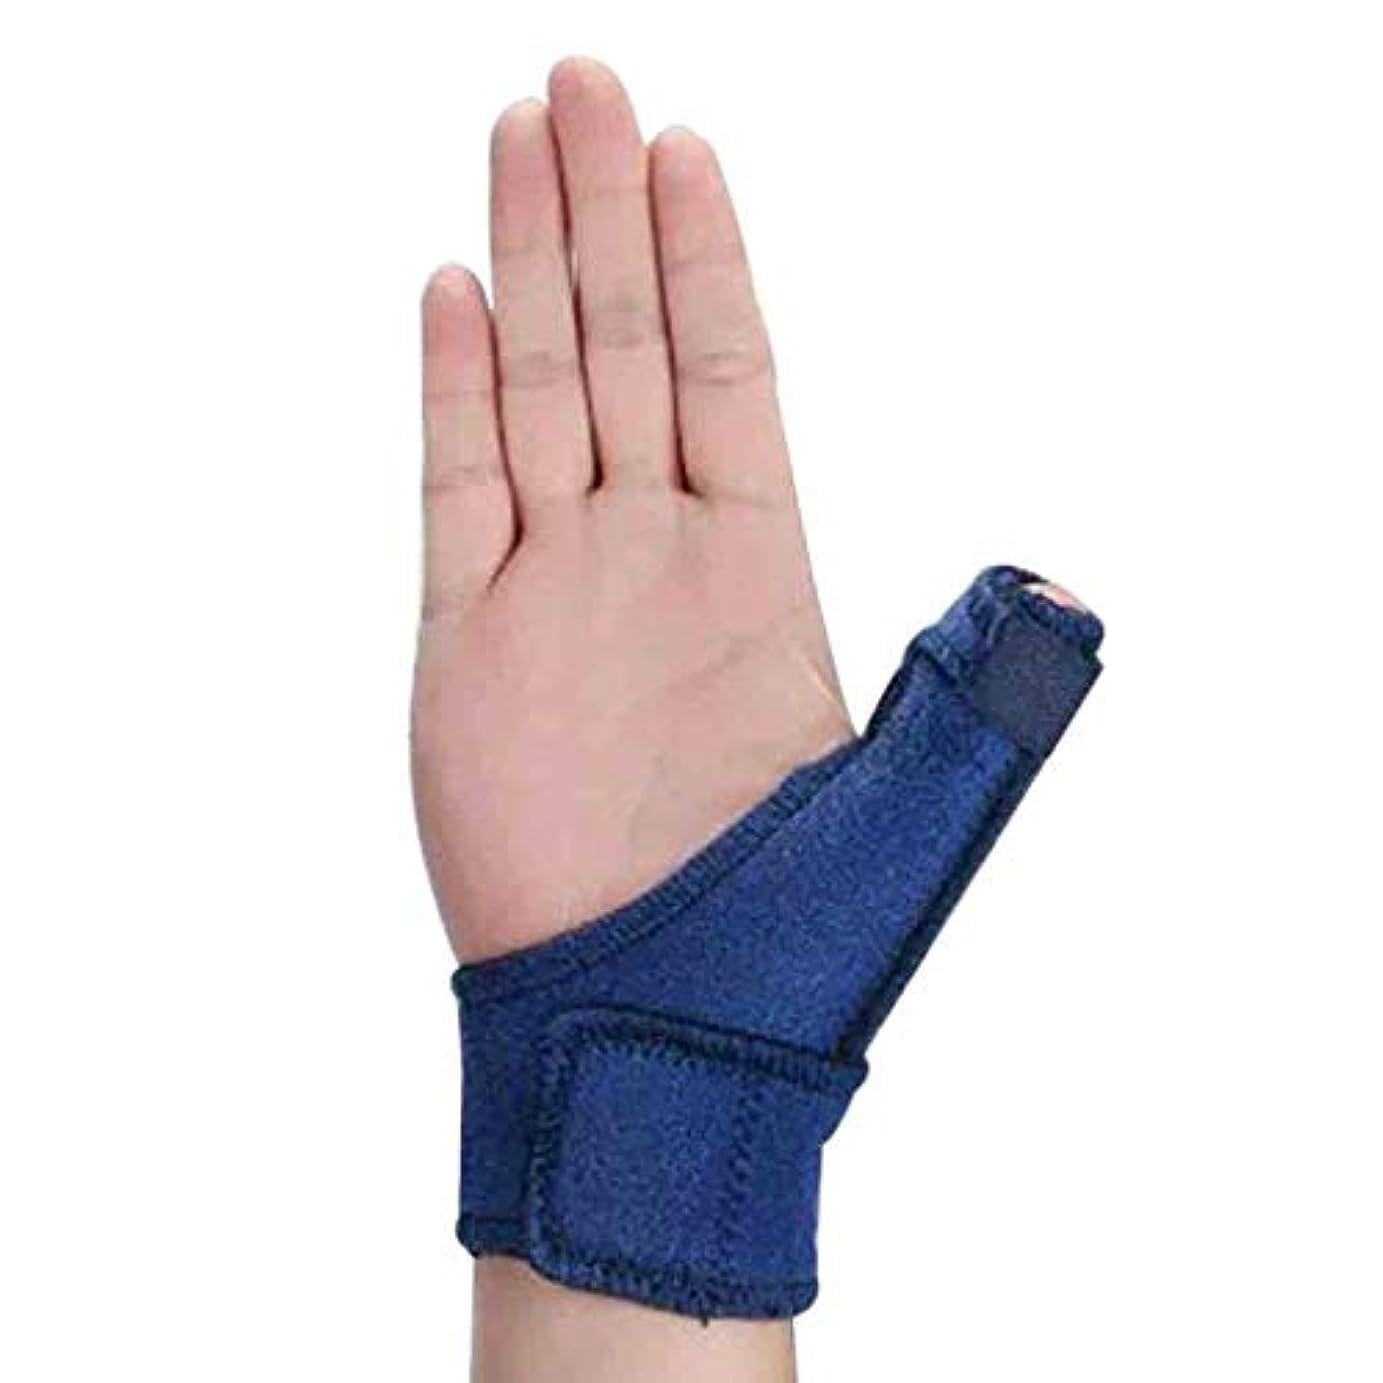 お父さんバケツ癒すトリガーのための調節可能な親指スプリント親指リストストラップブレース親指スプリント親指関節炎痛み緩和ブレース(1個、ユニセックス、左&右の手青) Roscloud@